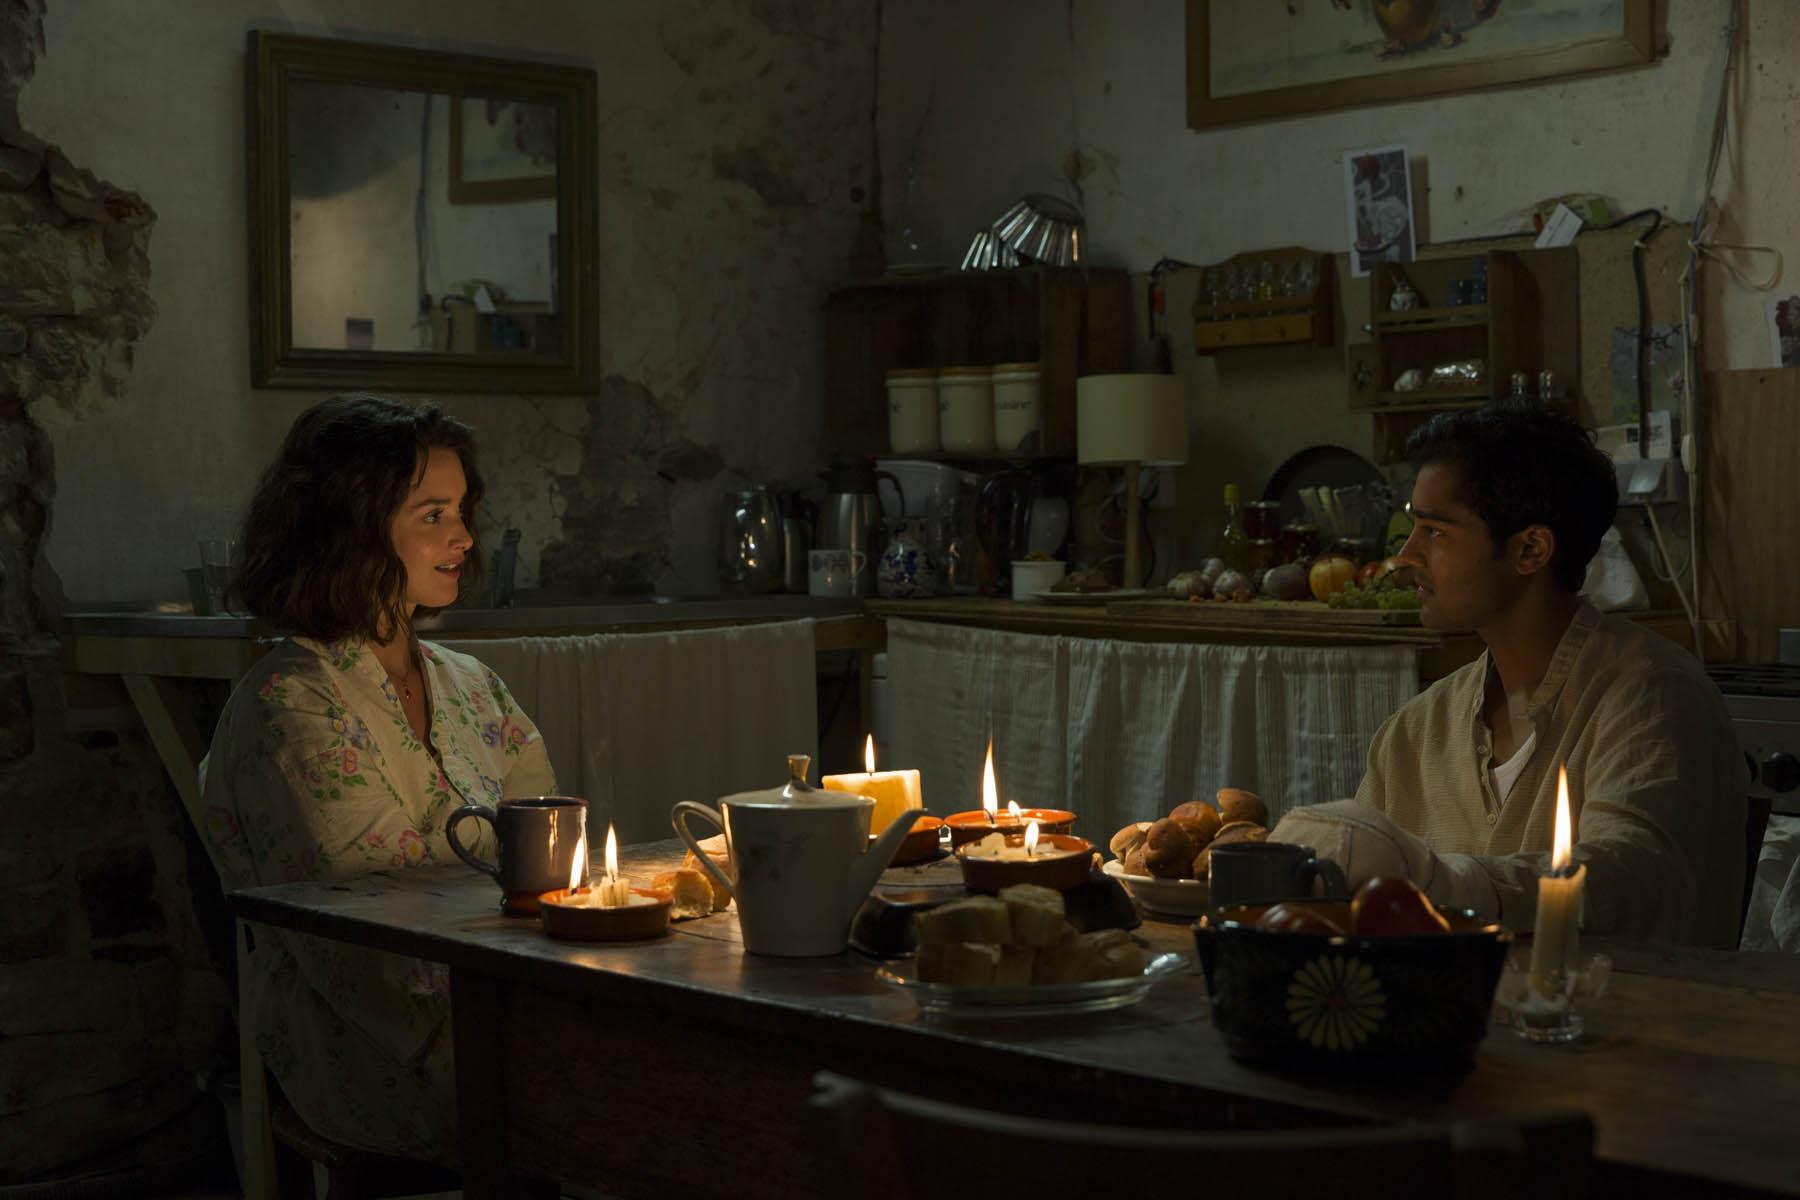 кадры из фильма Пряности и страсти Шарлотта Ле Бон, Маниш Дайал,